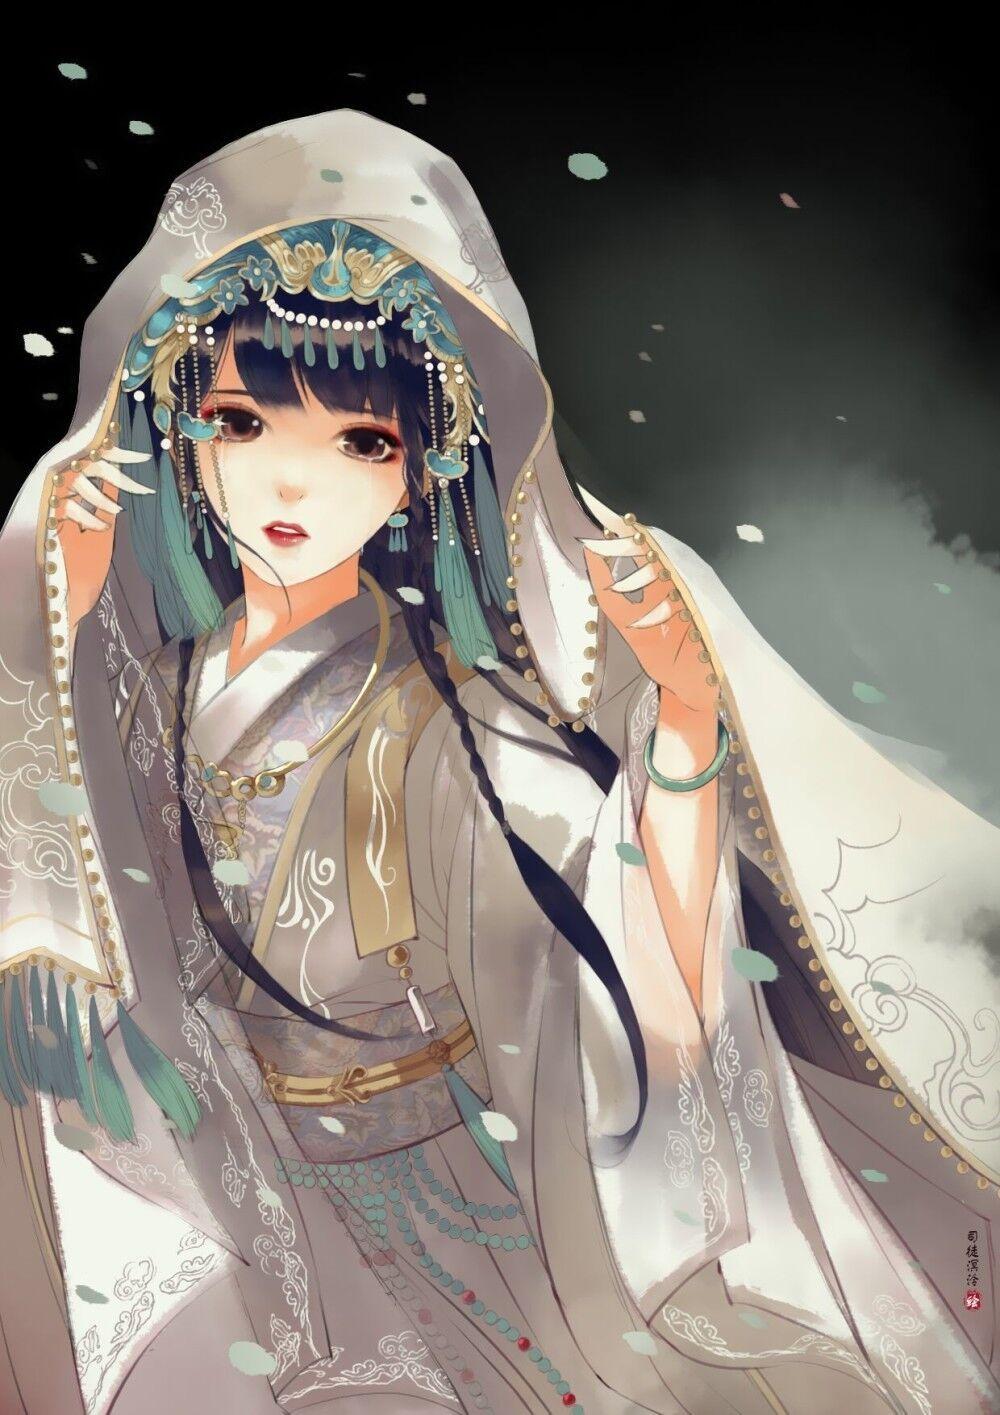 Chinese art 中国の芸術, アニメ着物, 芸術的アニメ少女